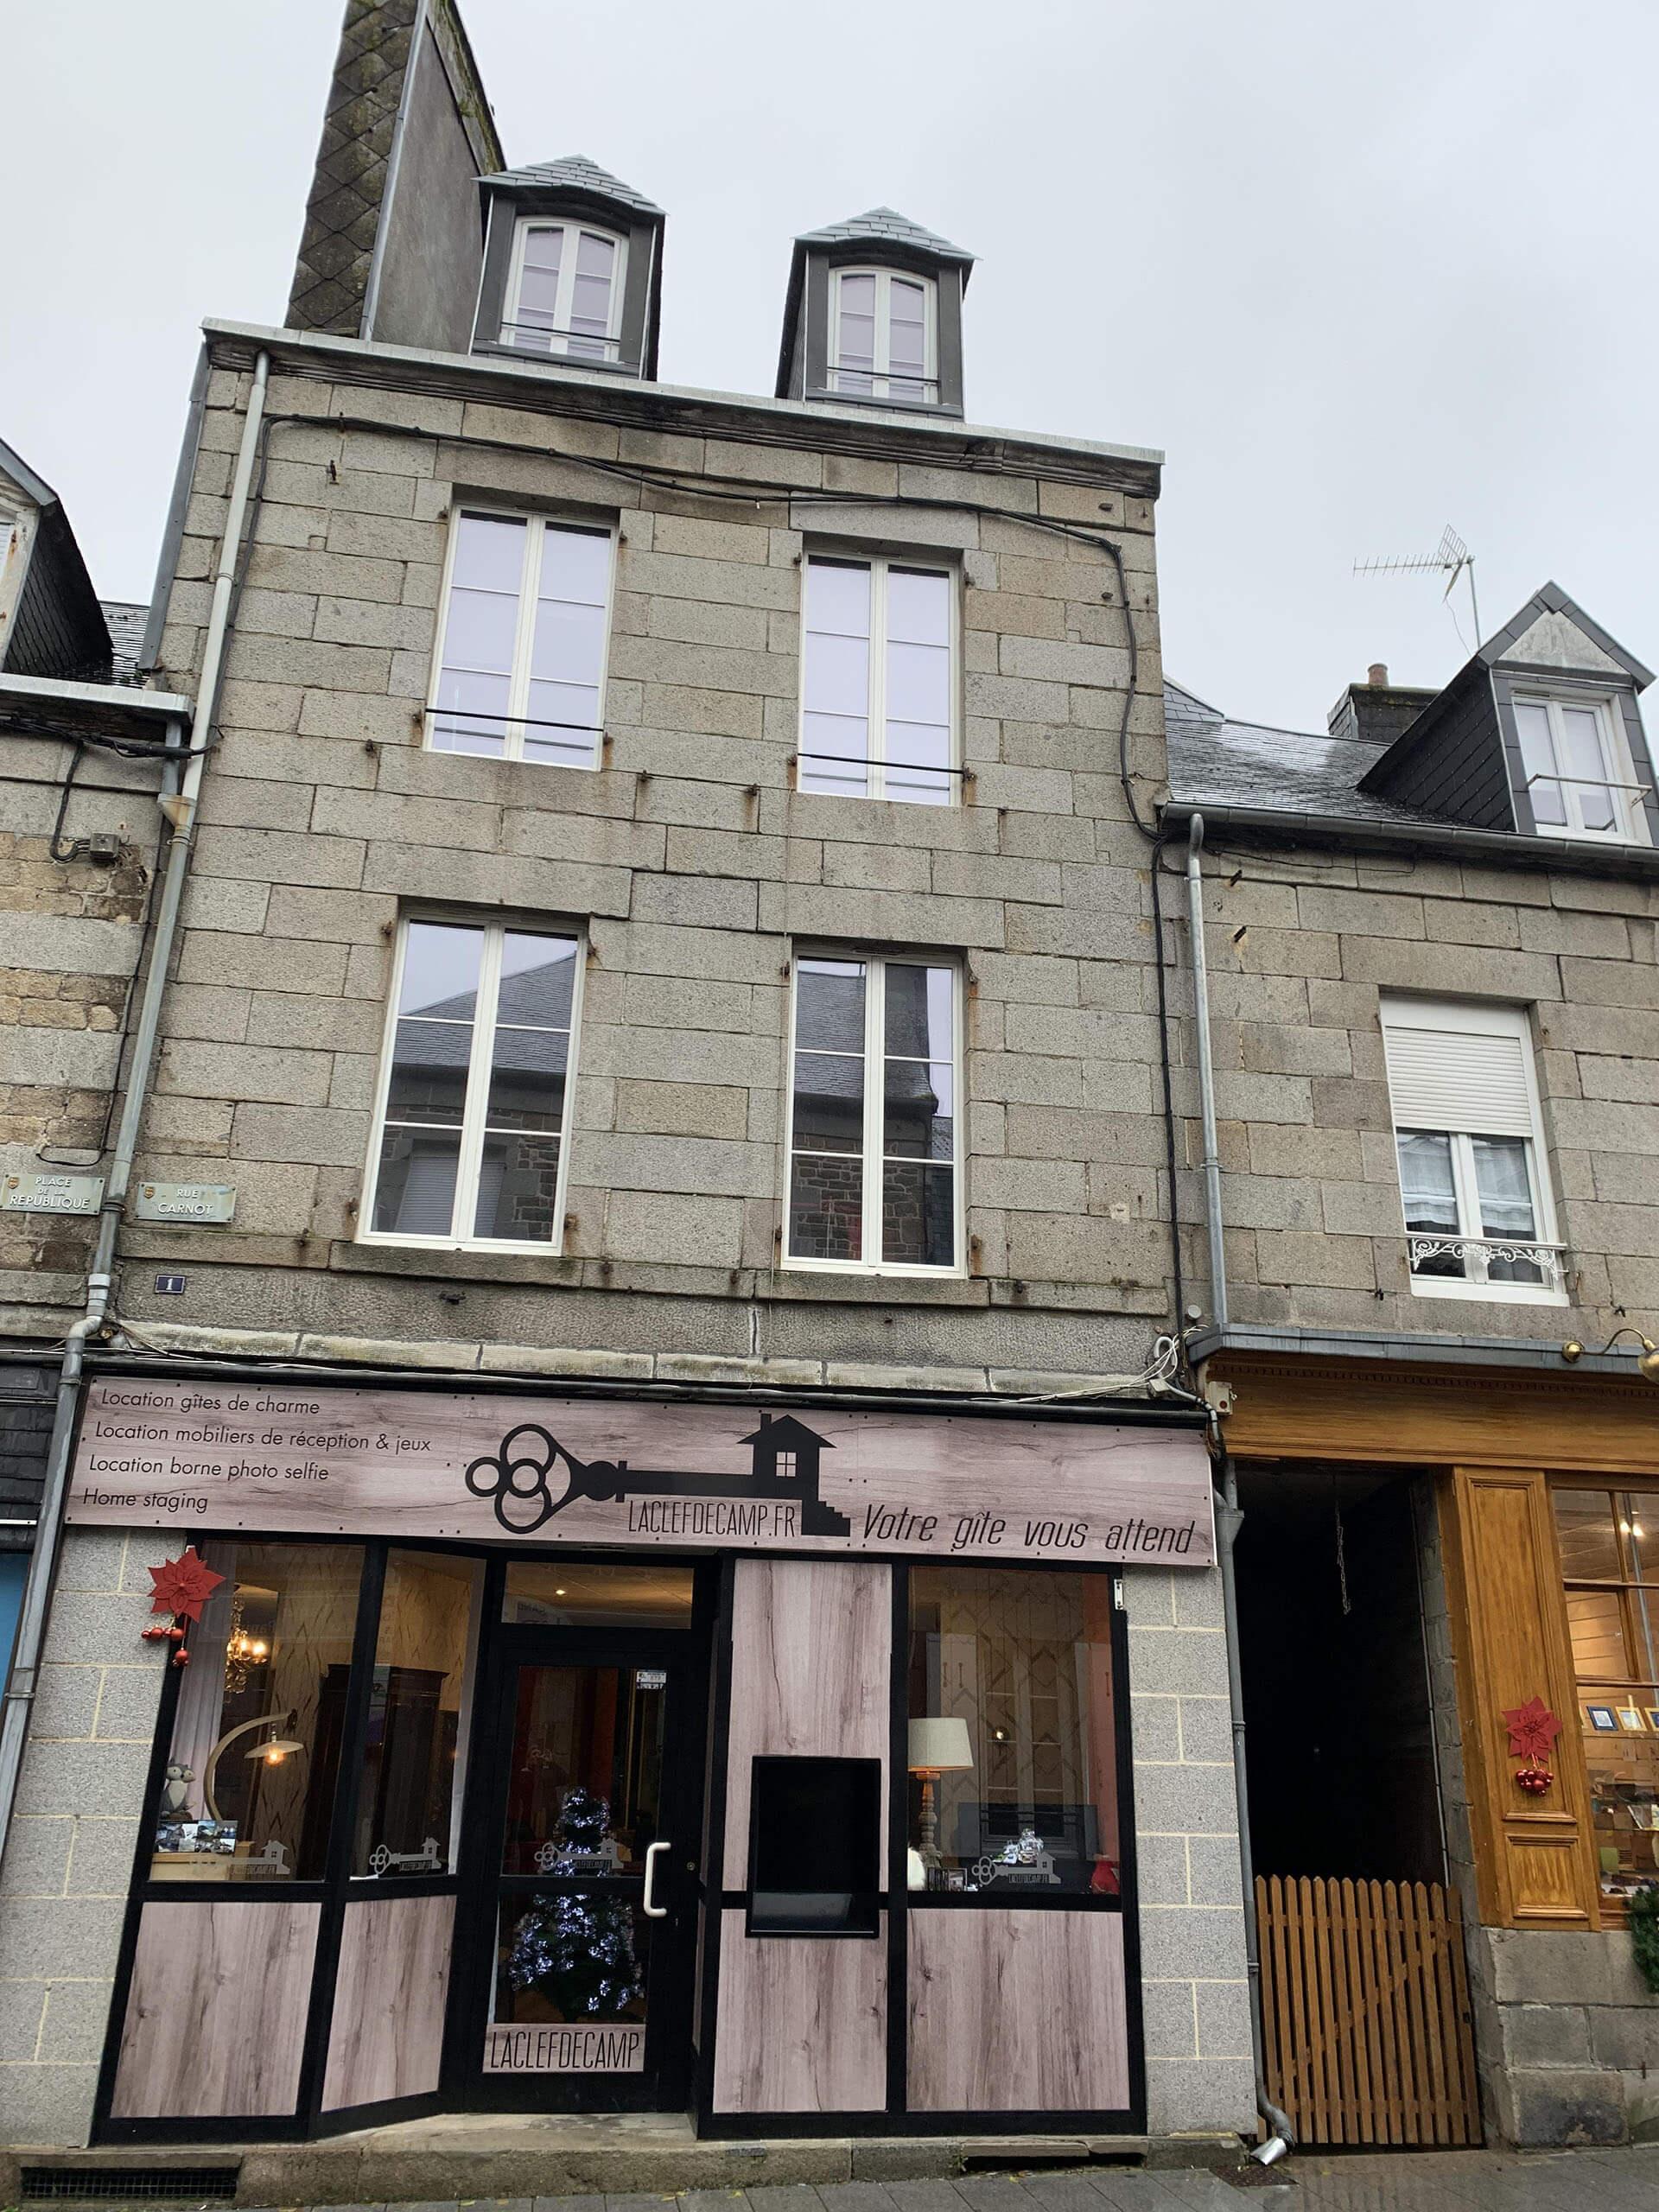 facade bureau laclefdecamp - La Clef Decamp s'installe dans un bureau au cœur de ses gîtes - Location de Gite La Clef Decamp - Laclefdecamp.fr